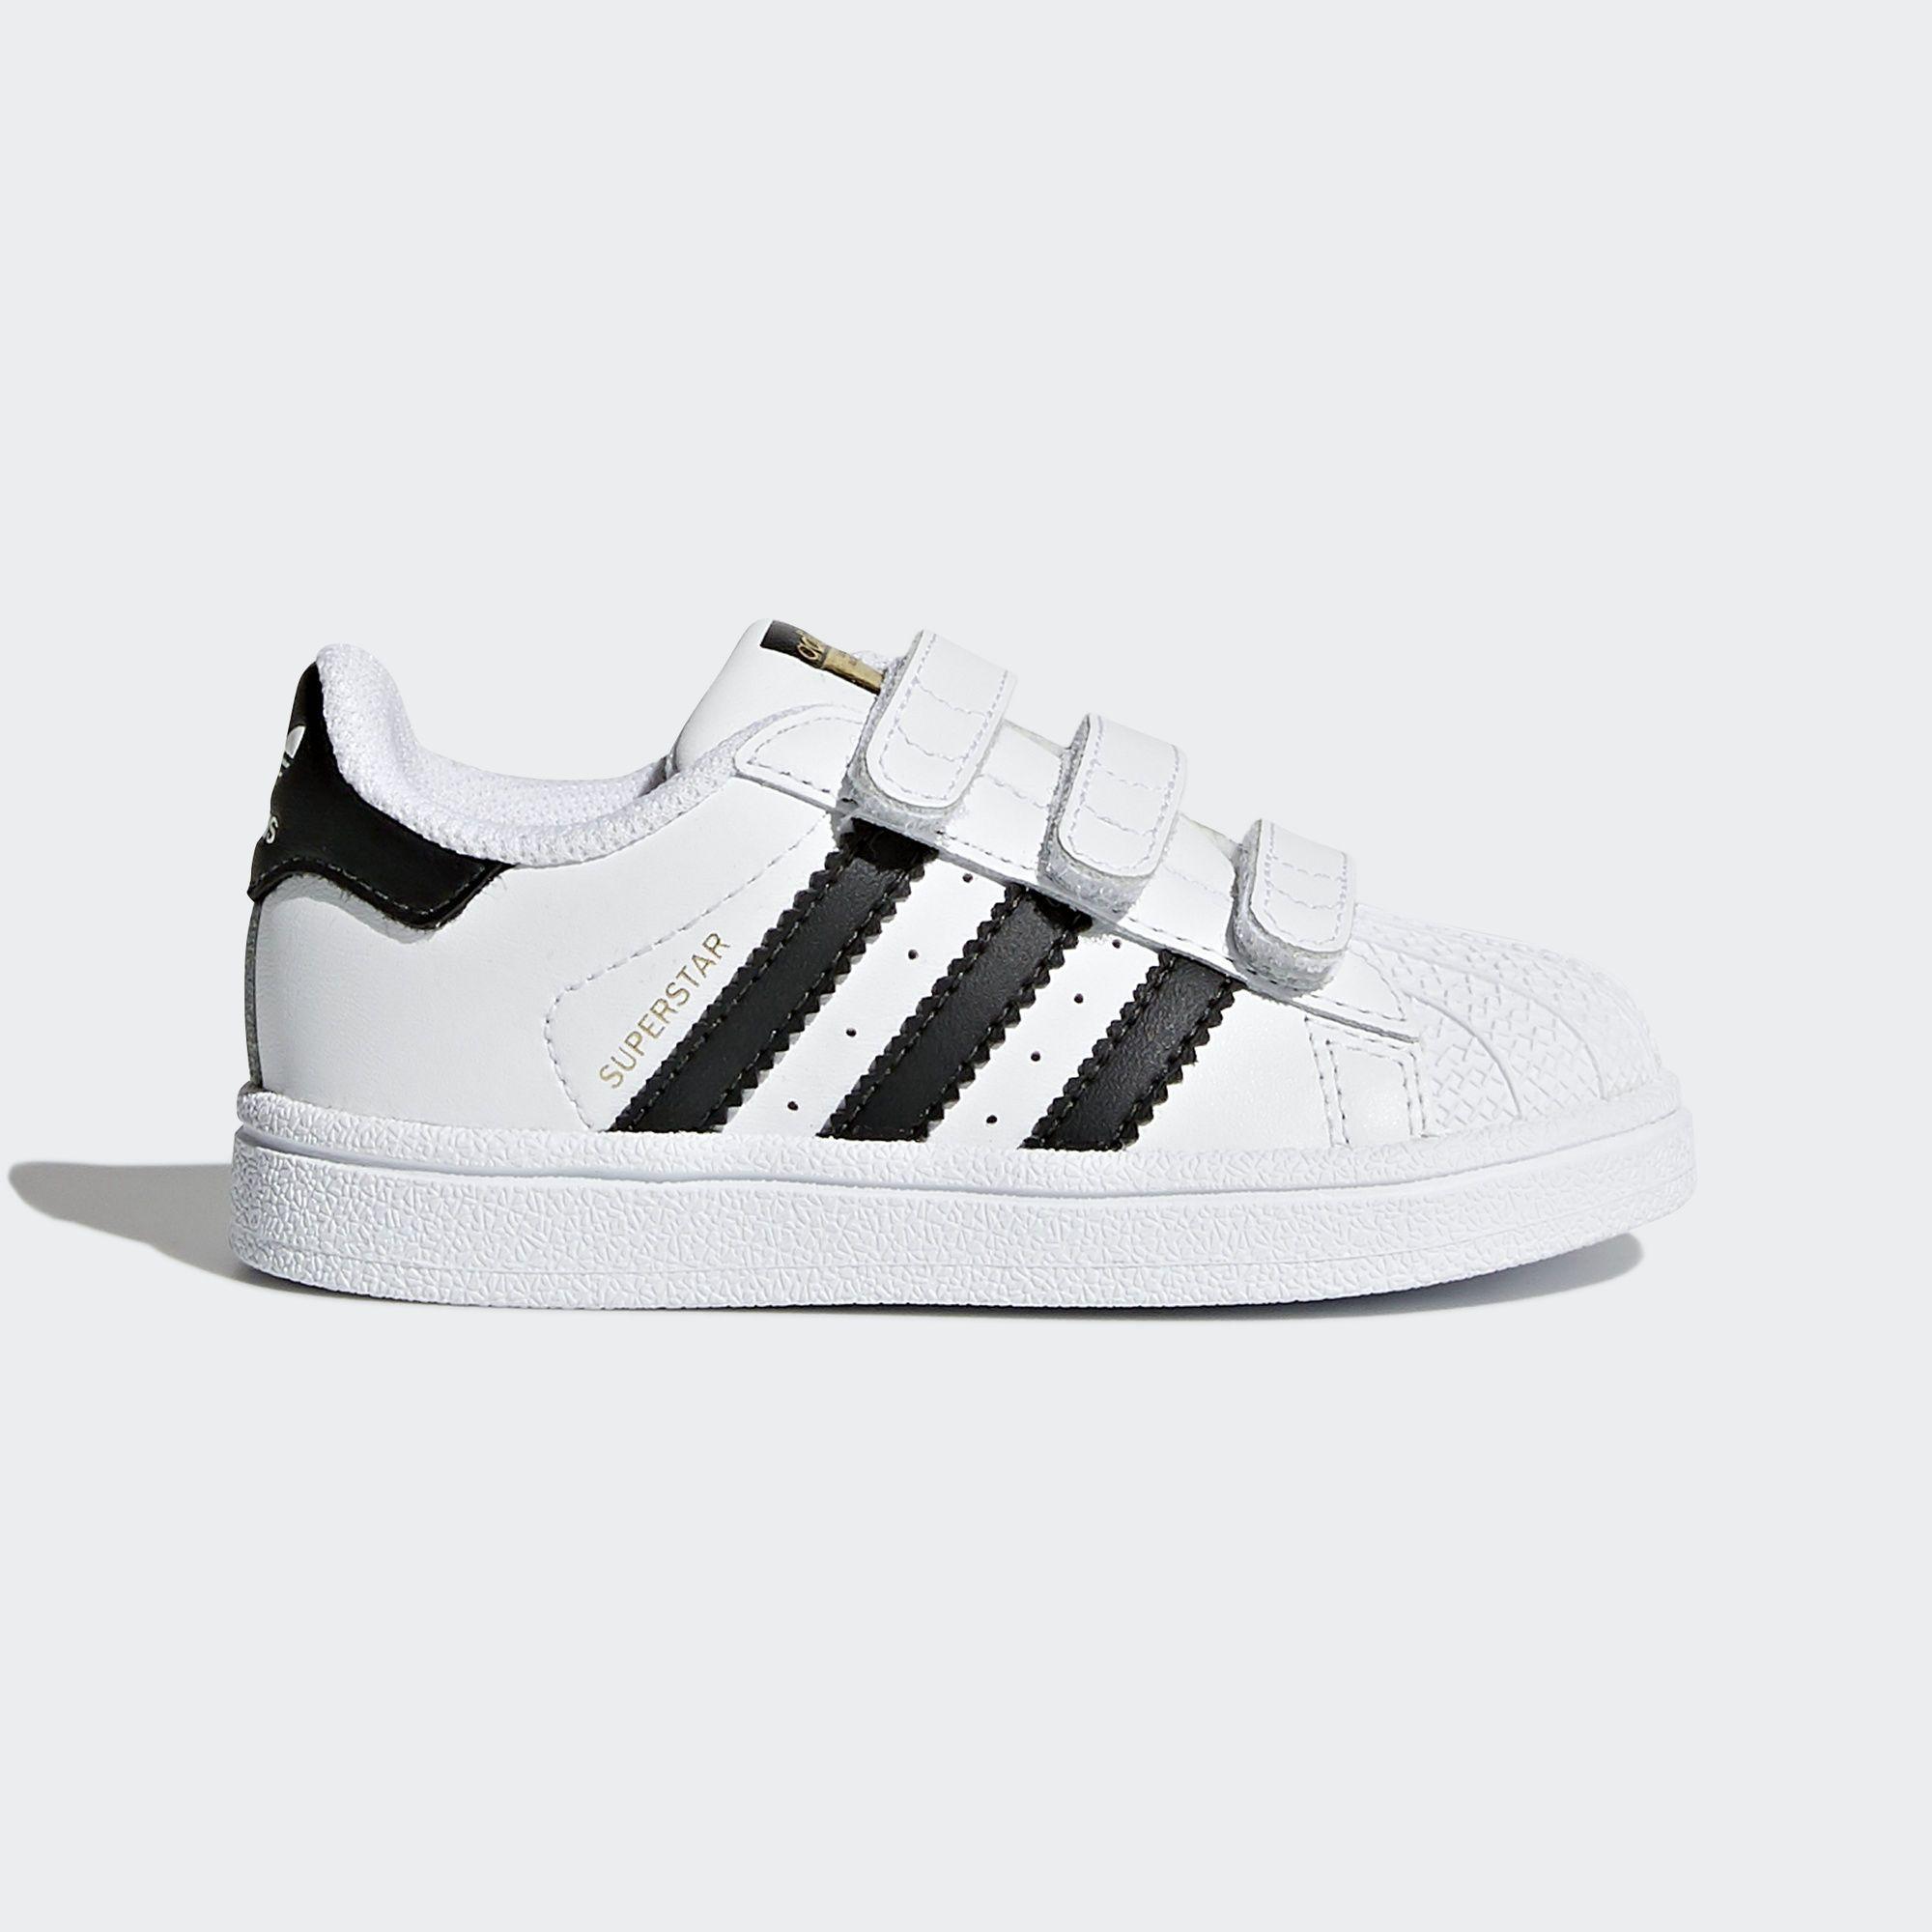 Superstar Schuh | Adidas superstar schuhe, Superstars schuhe